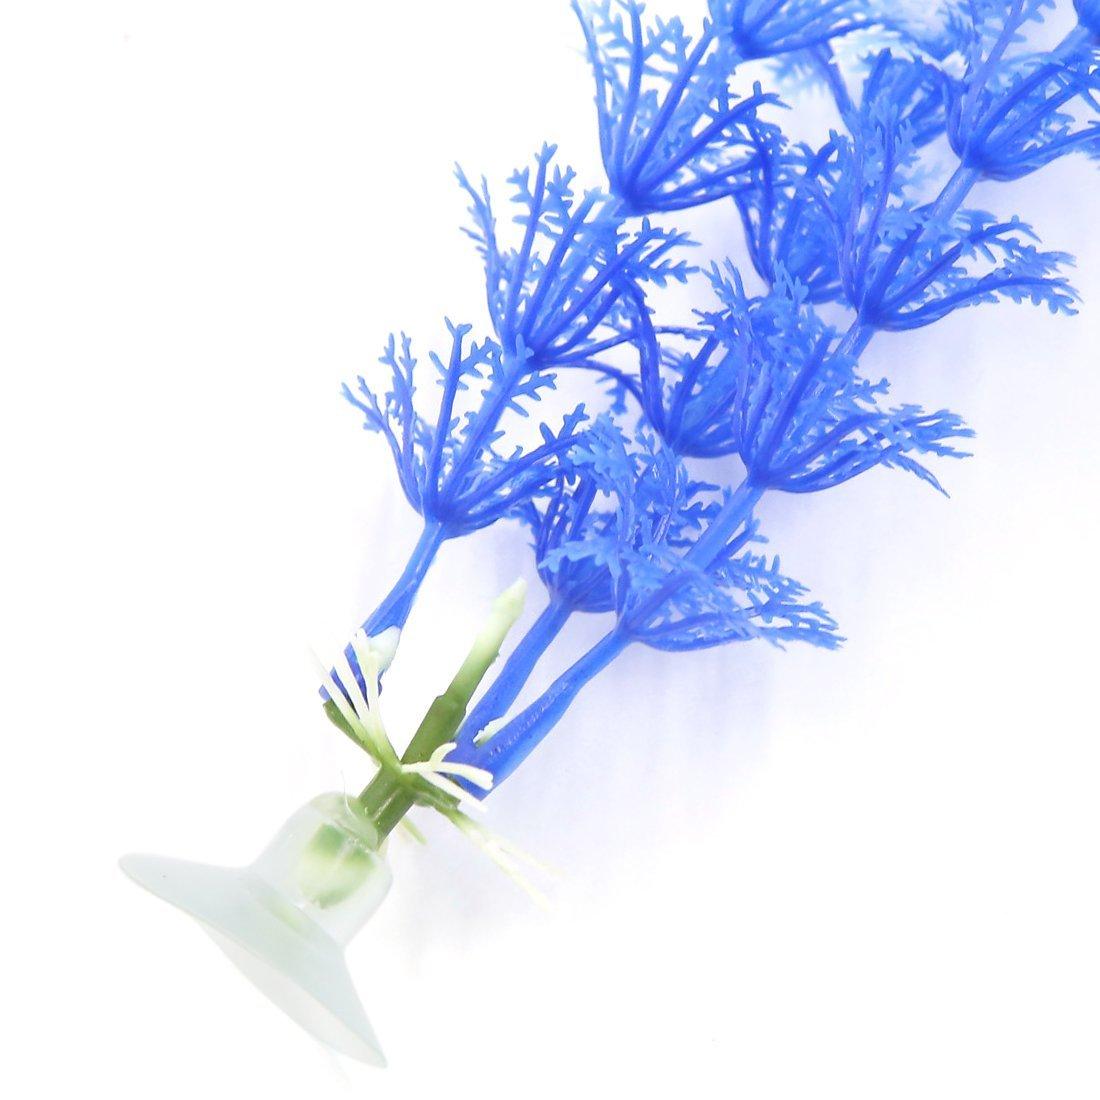 Amazon.com : eDealMax a16071400ux0496 6 pedazo planta Decoración del ornamento de plástico acuario Con ventosa : Pet Supplies